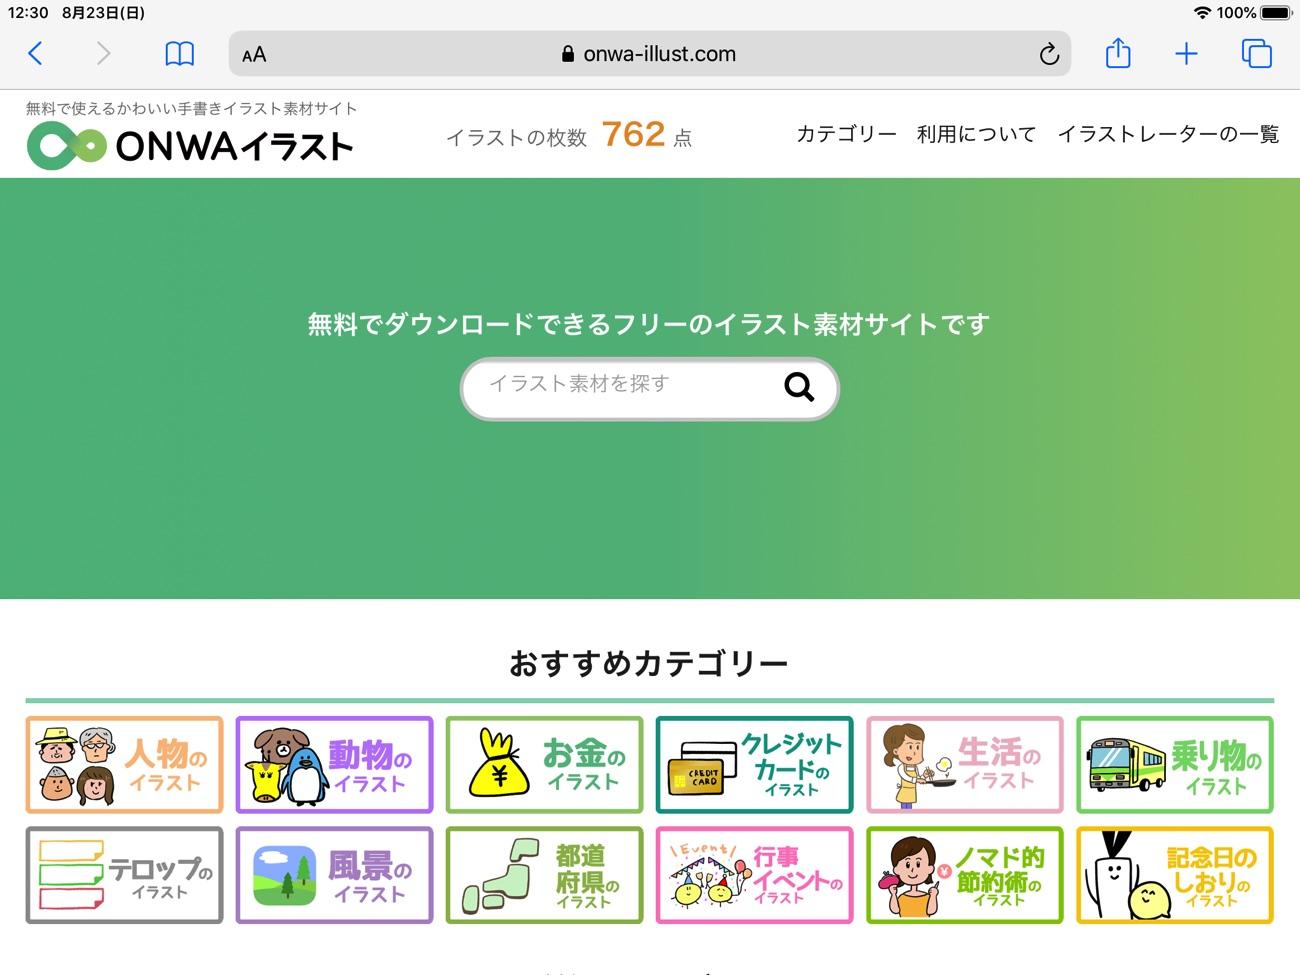 『ONWAイラスト』のトップページ